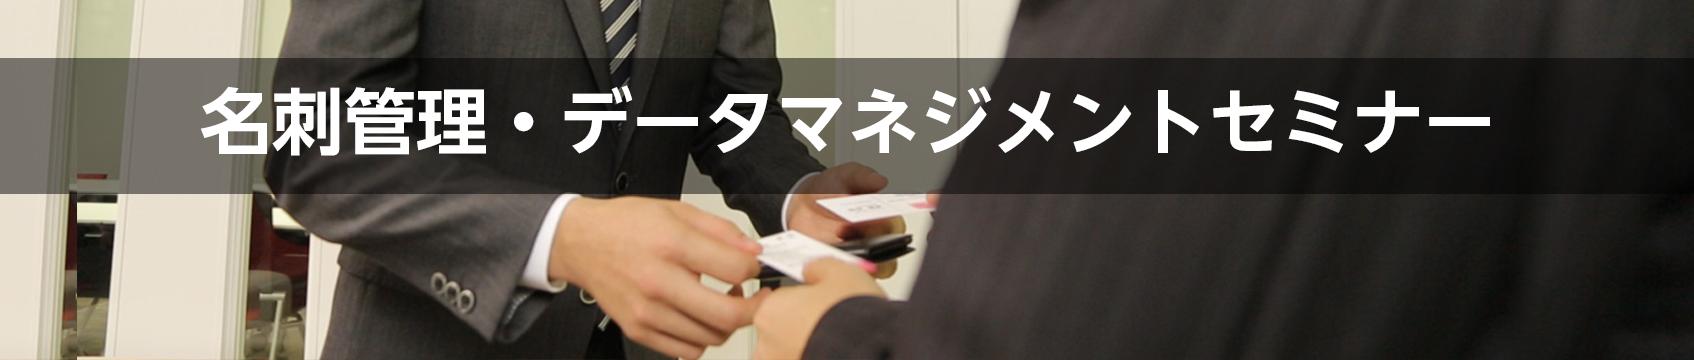 クラウドサービス最新事例セミナー<br>Salesforce × クラウドサービス活用で経営力向上!